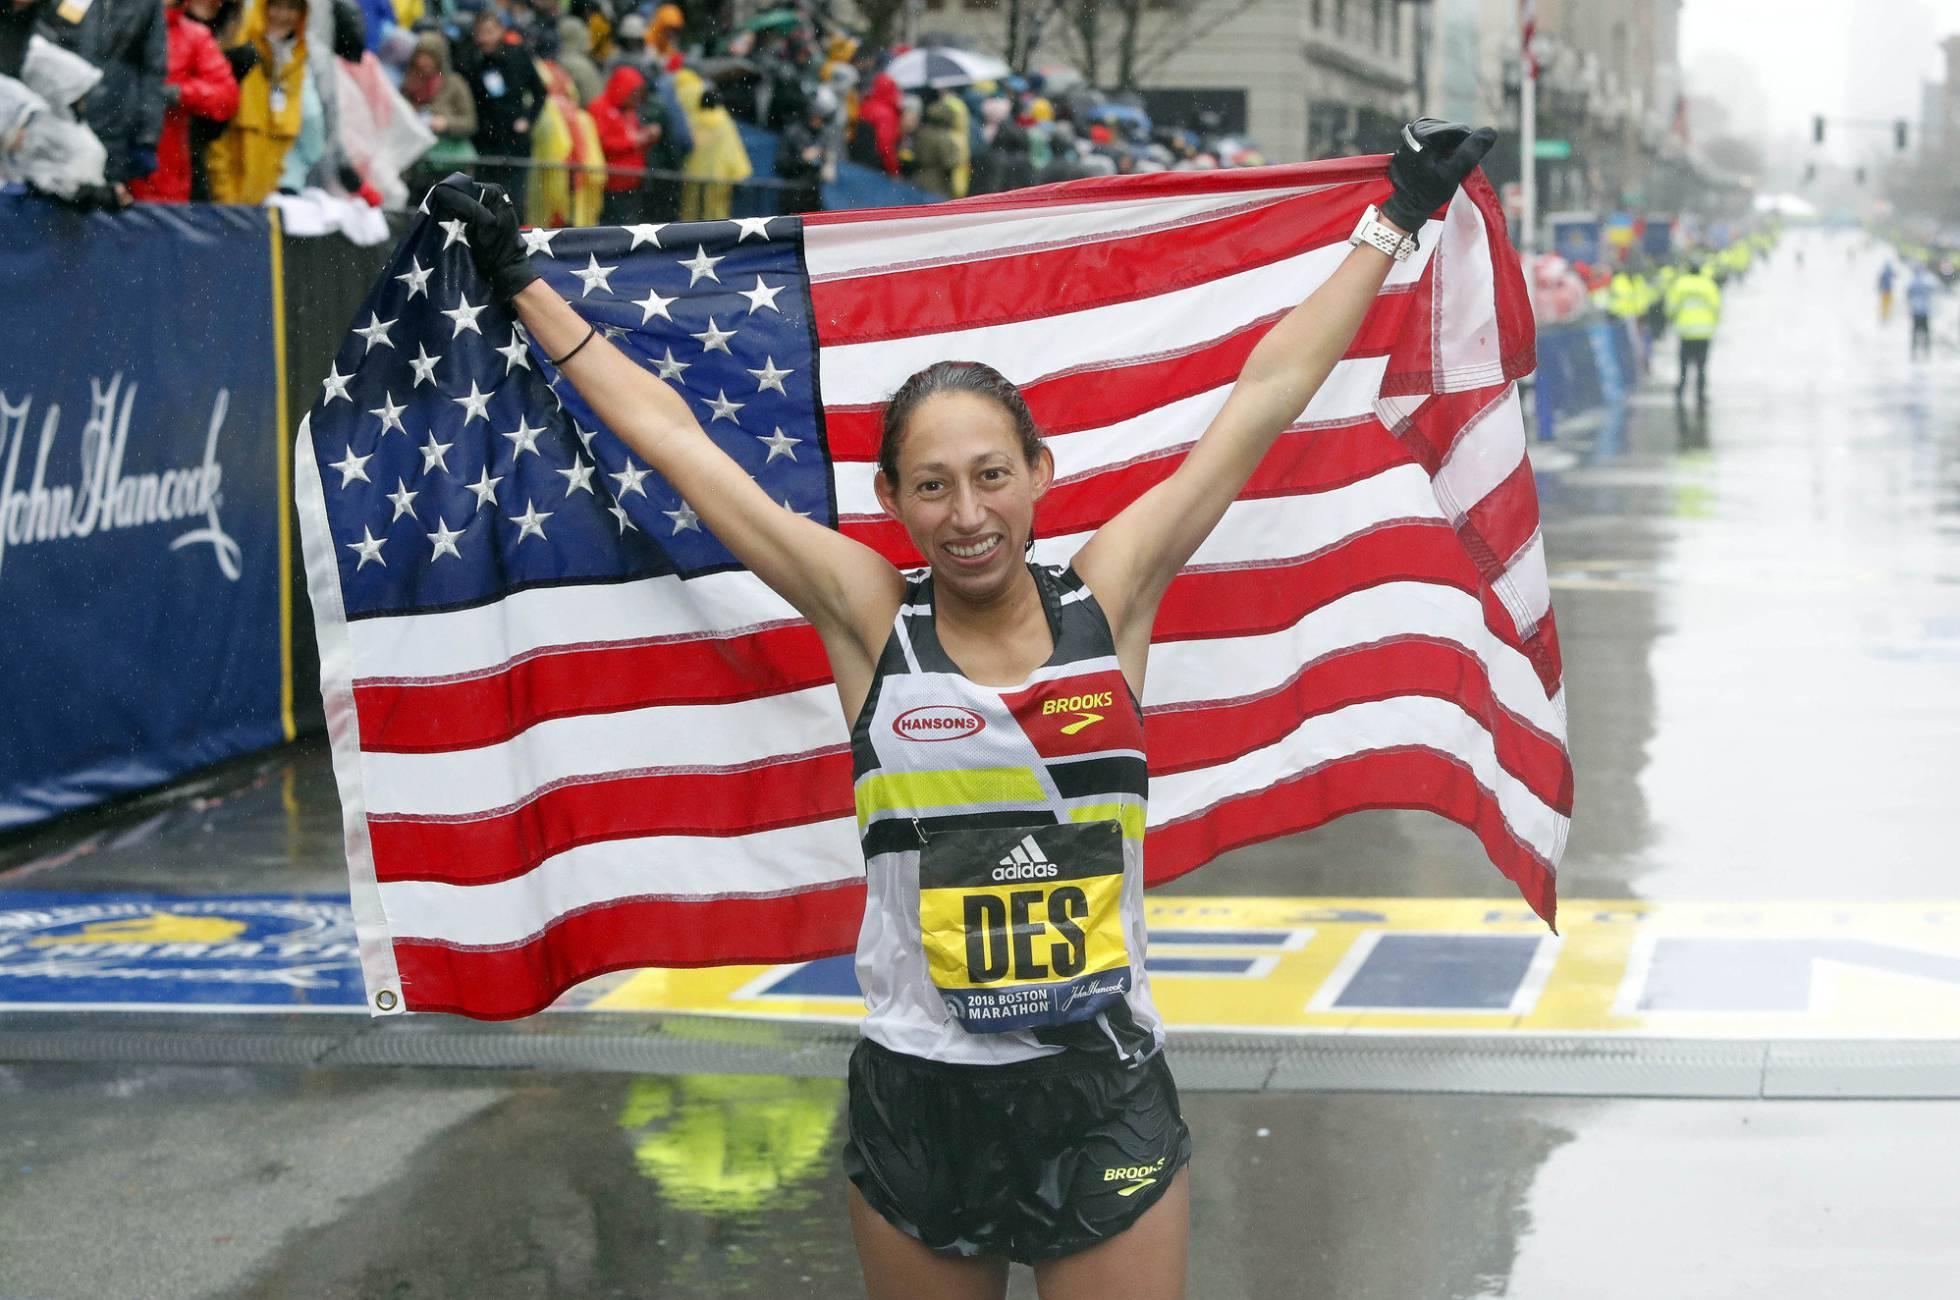 La primera estadounidense en ganar el maratón de Boston en 33 años